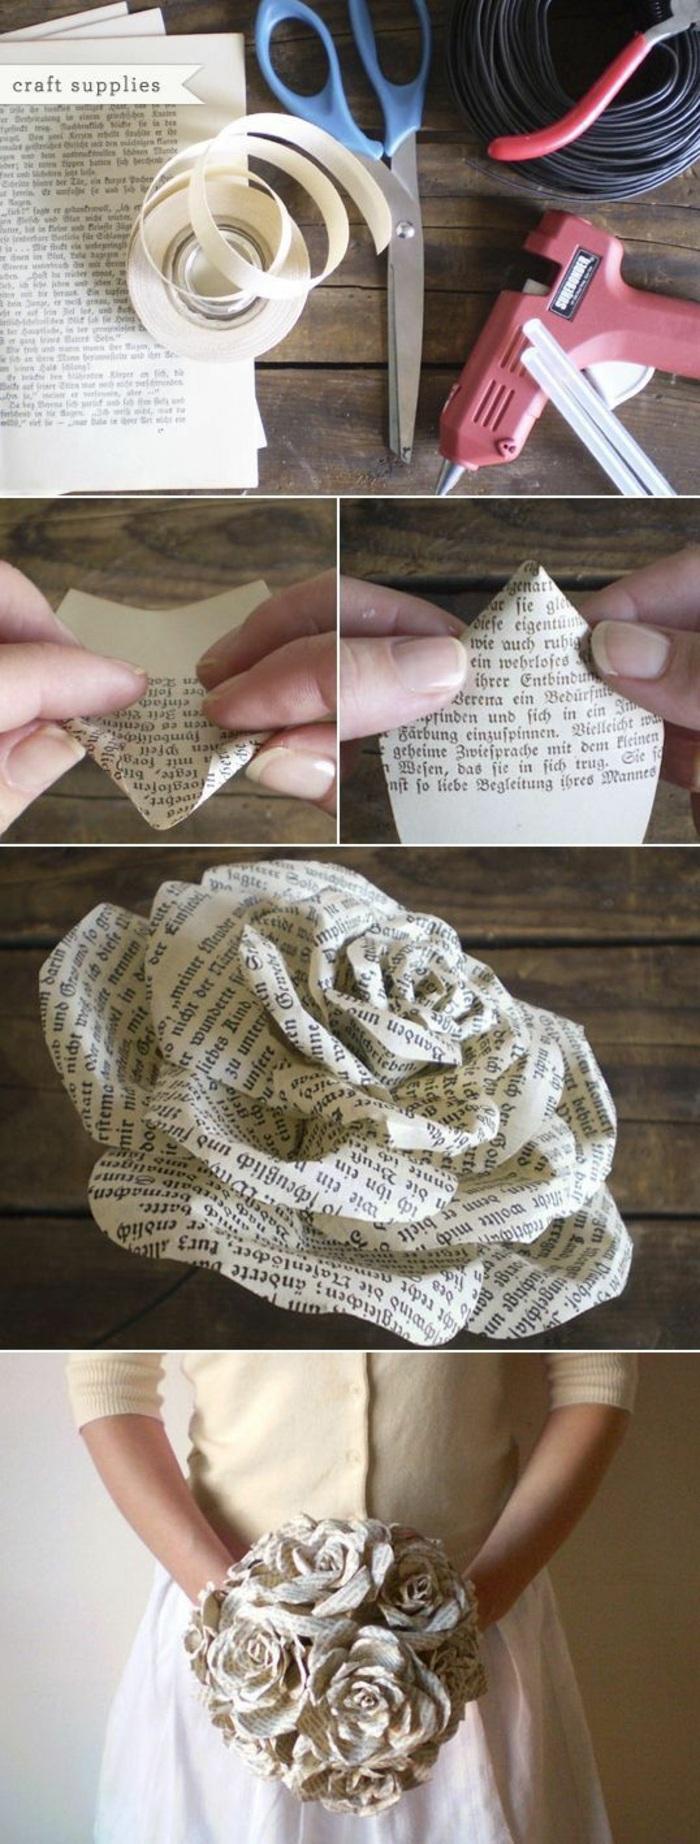 cómo hacer manualidades únicas de reciclaje, flores de papel paso a paso, ramo de flores de papel periódico en fotos